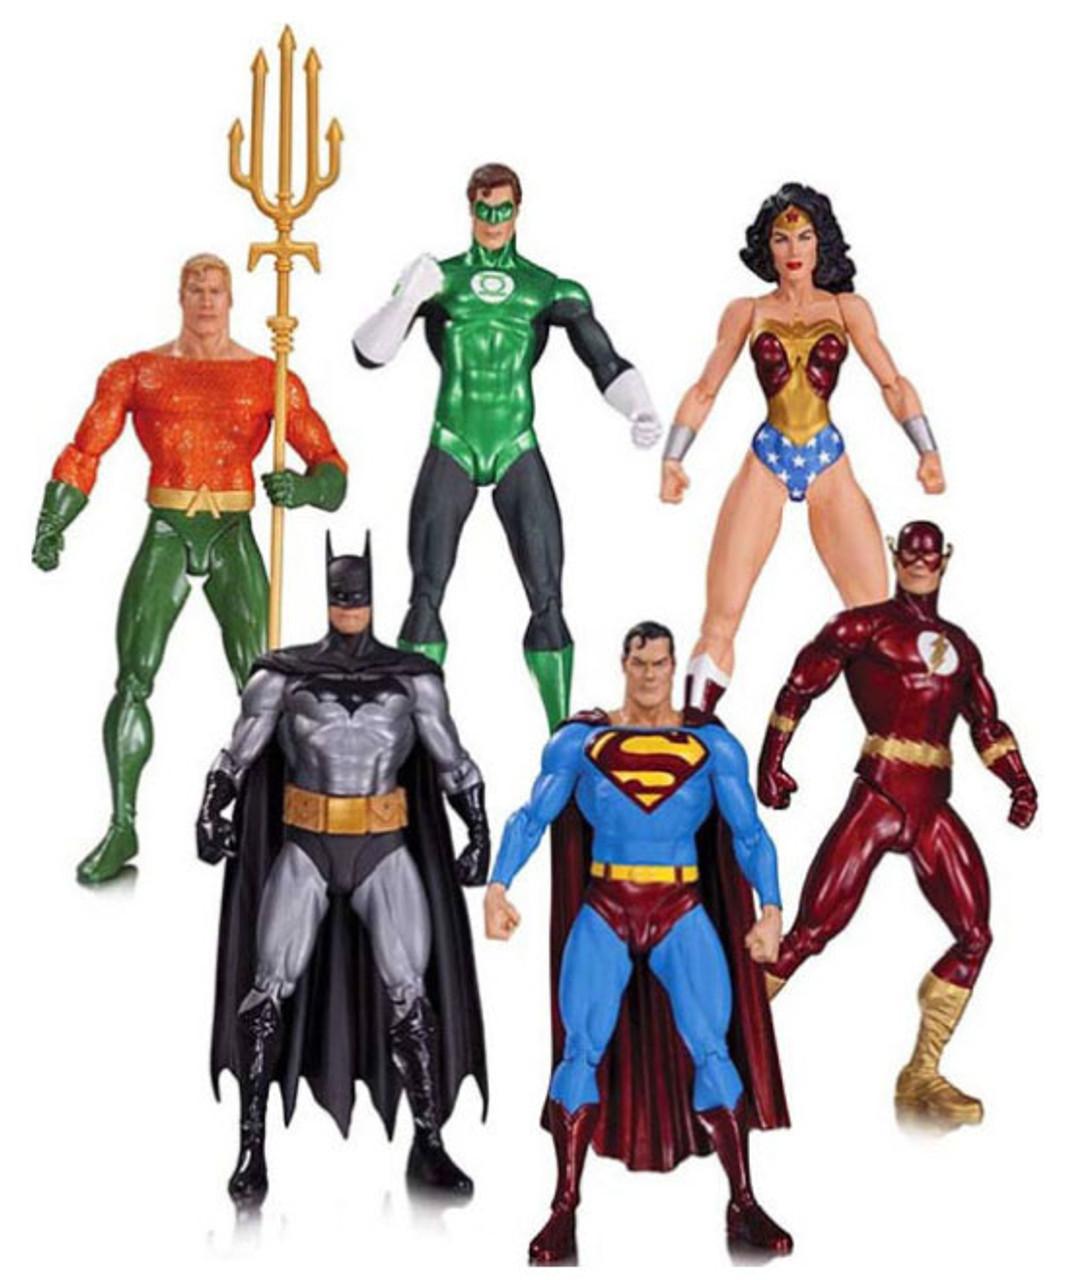 justice league alex ross justice league 7 25 action figure 6 pack dc